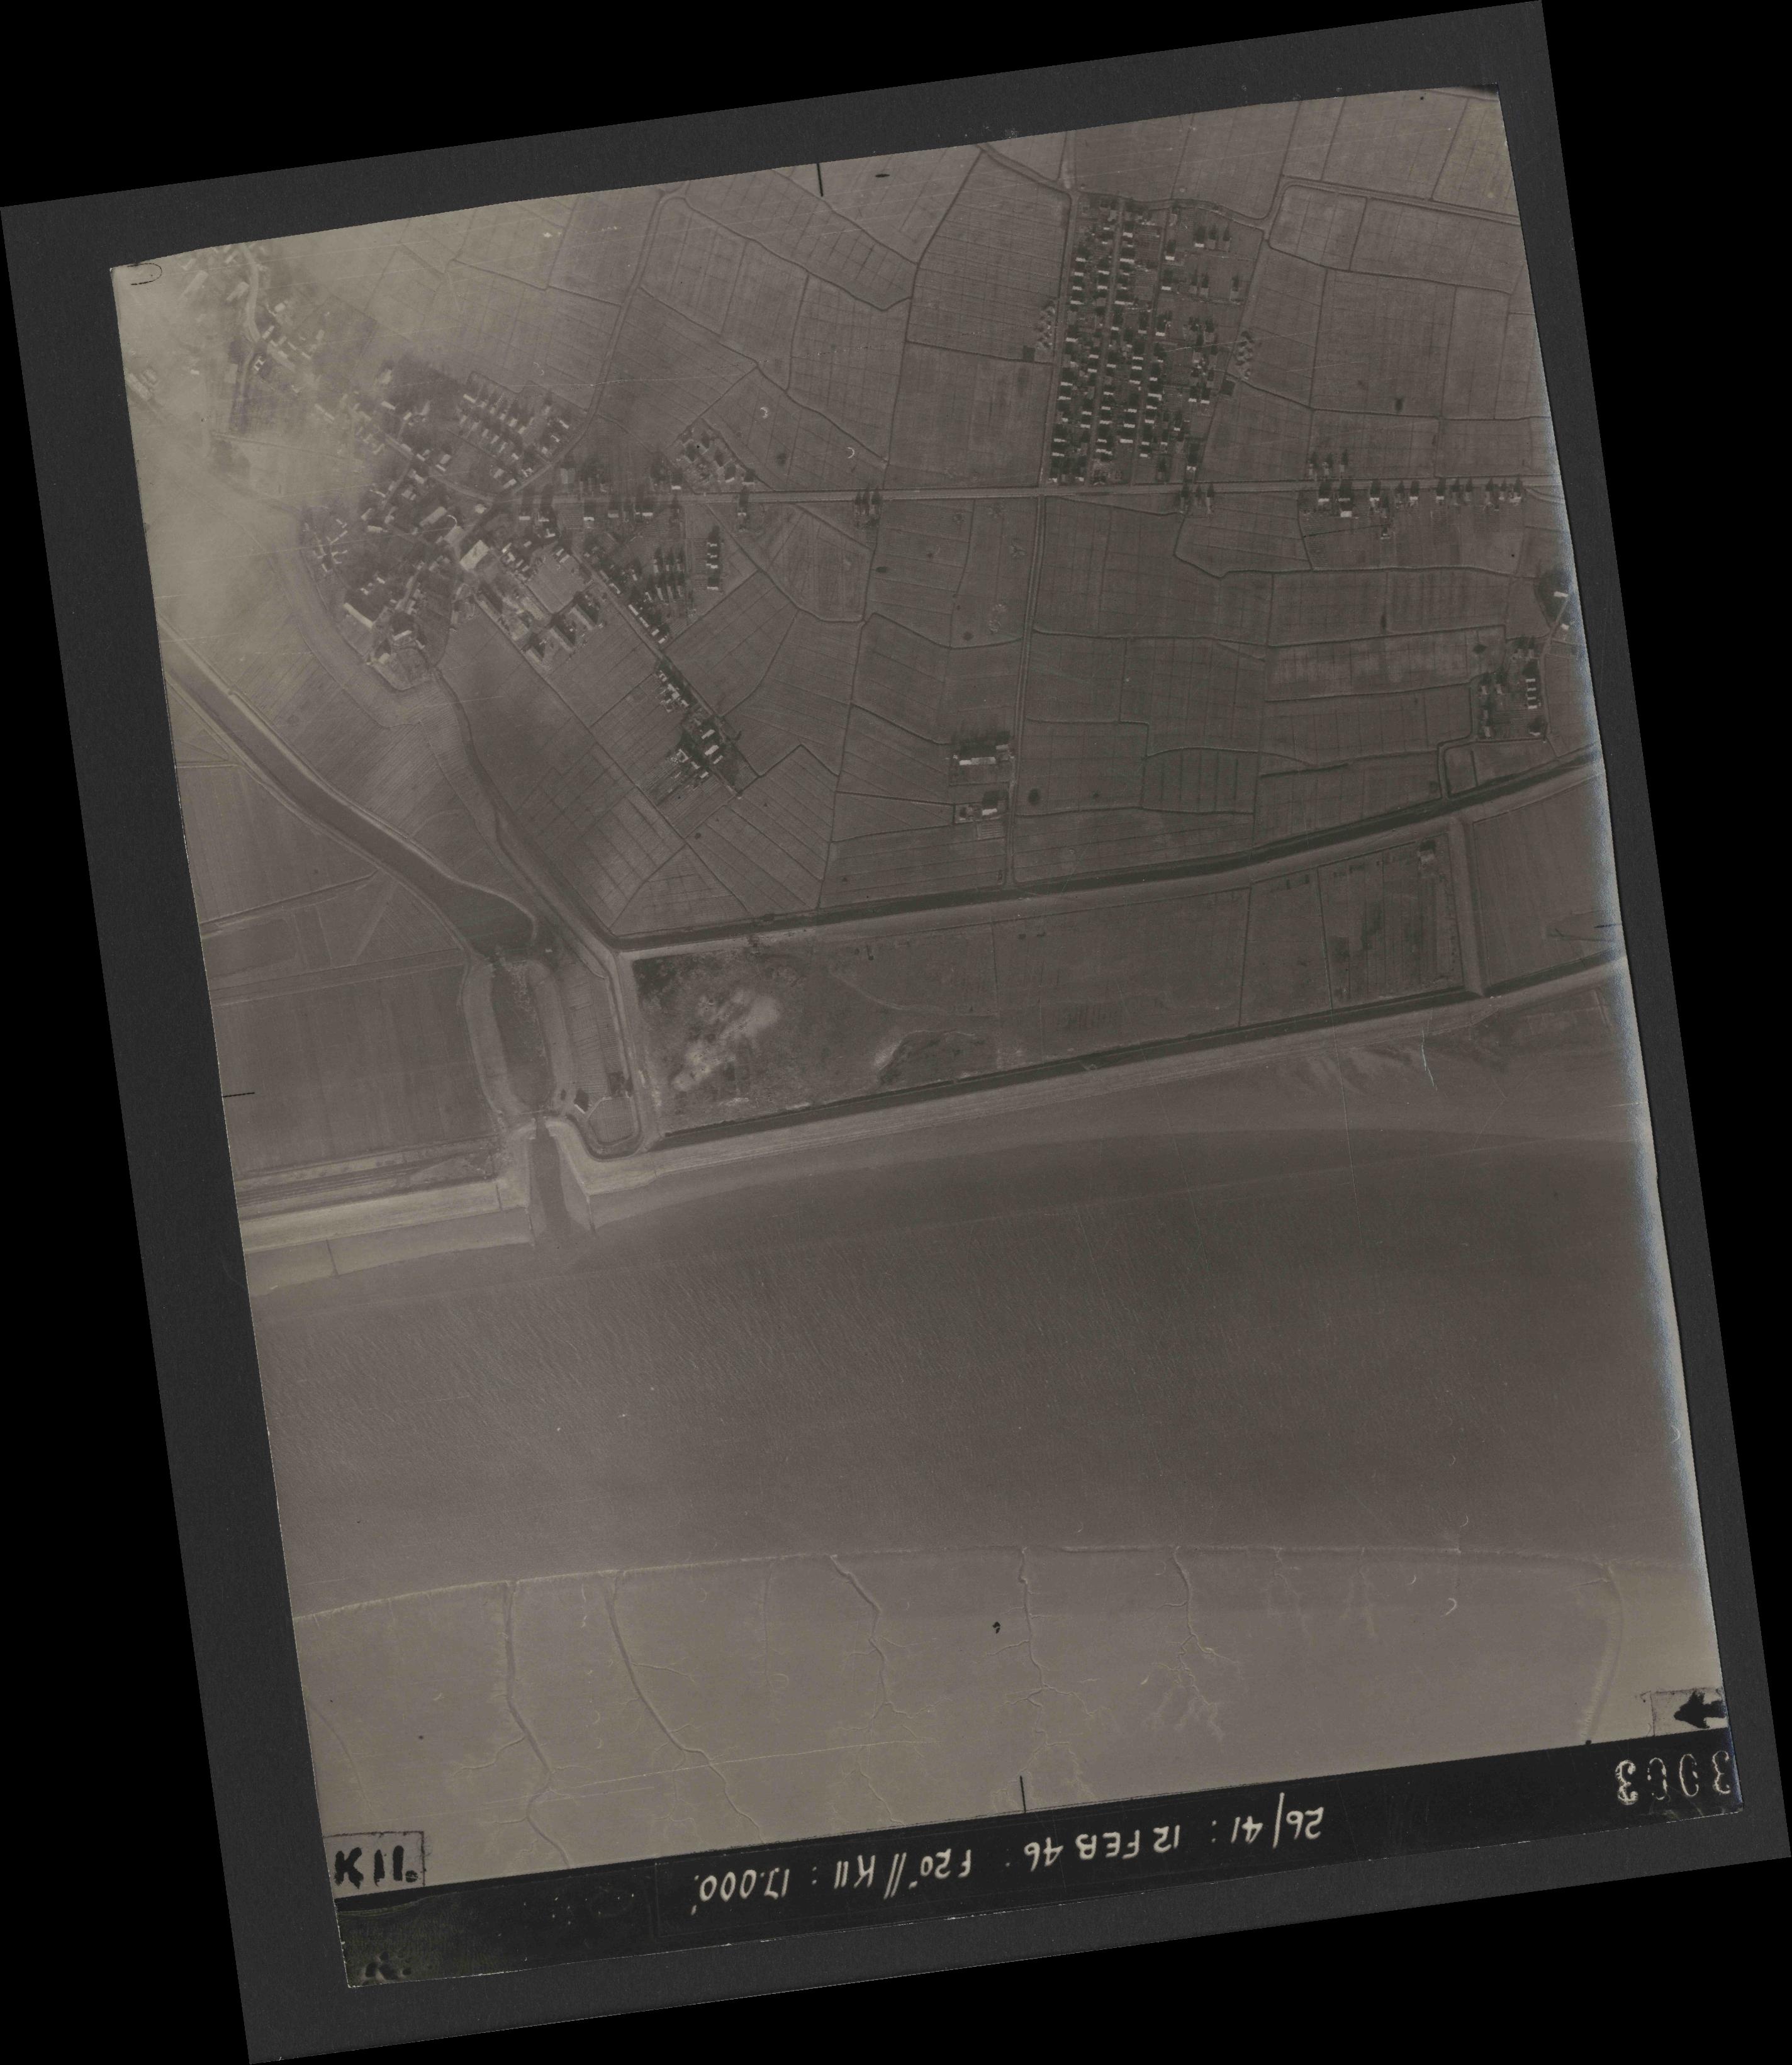 Collection RAF aerial photos 1940-1945 - flight 212, run 04, photo 3003